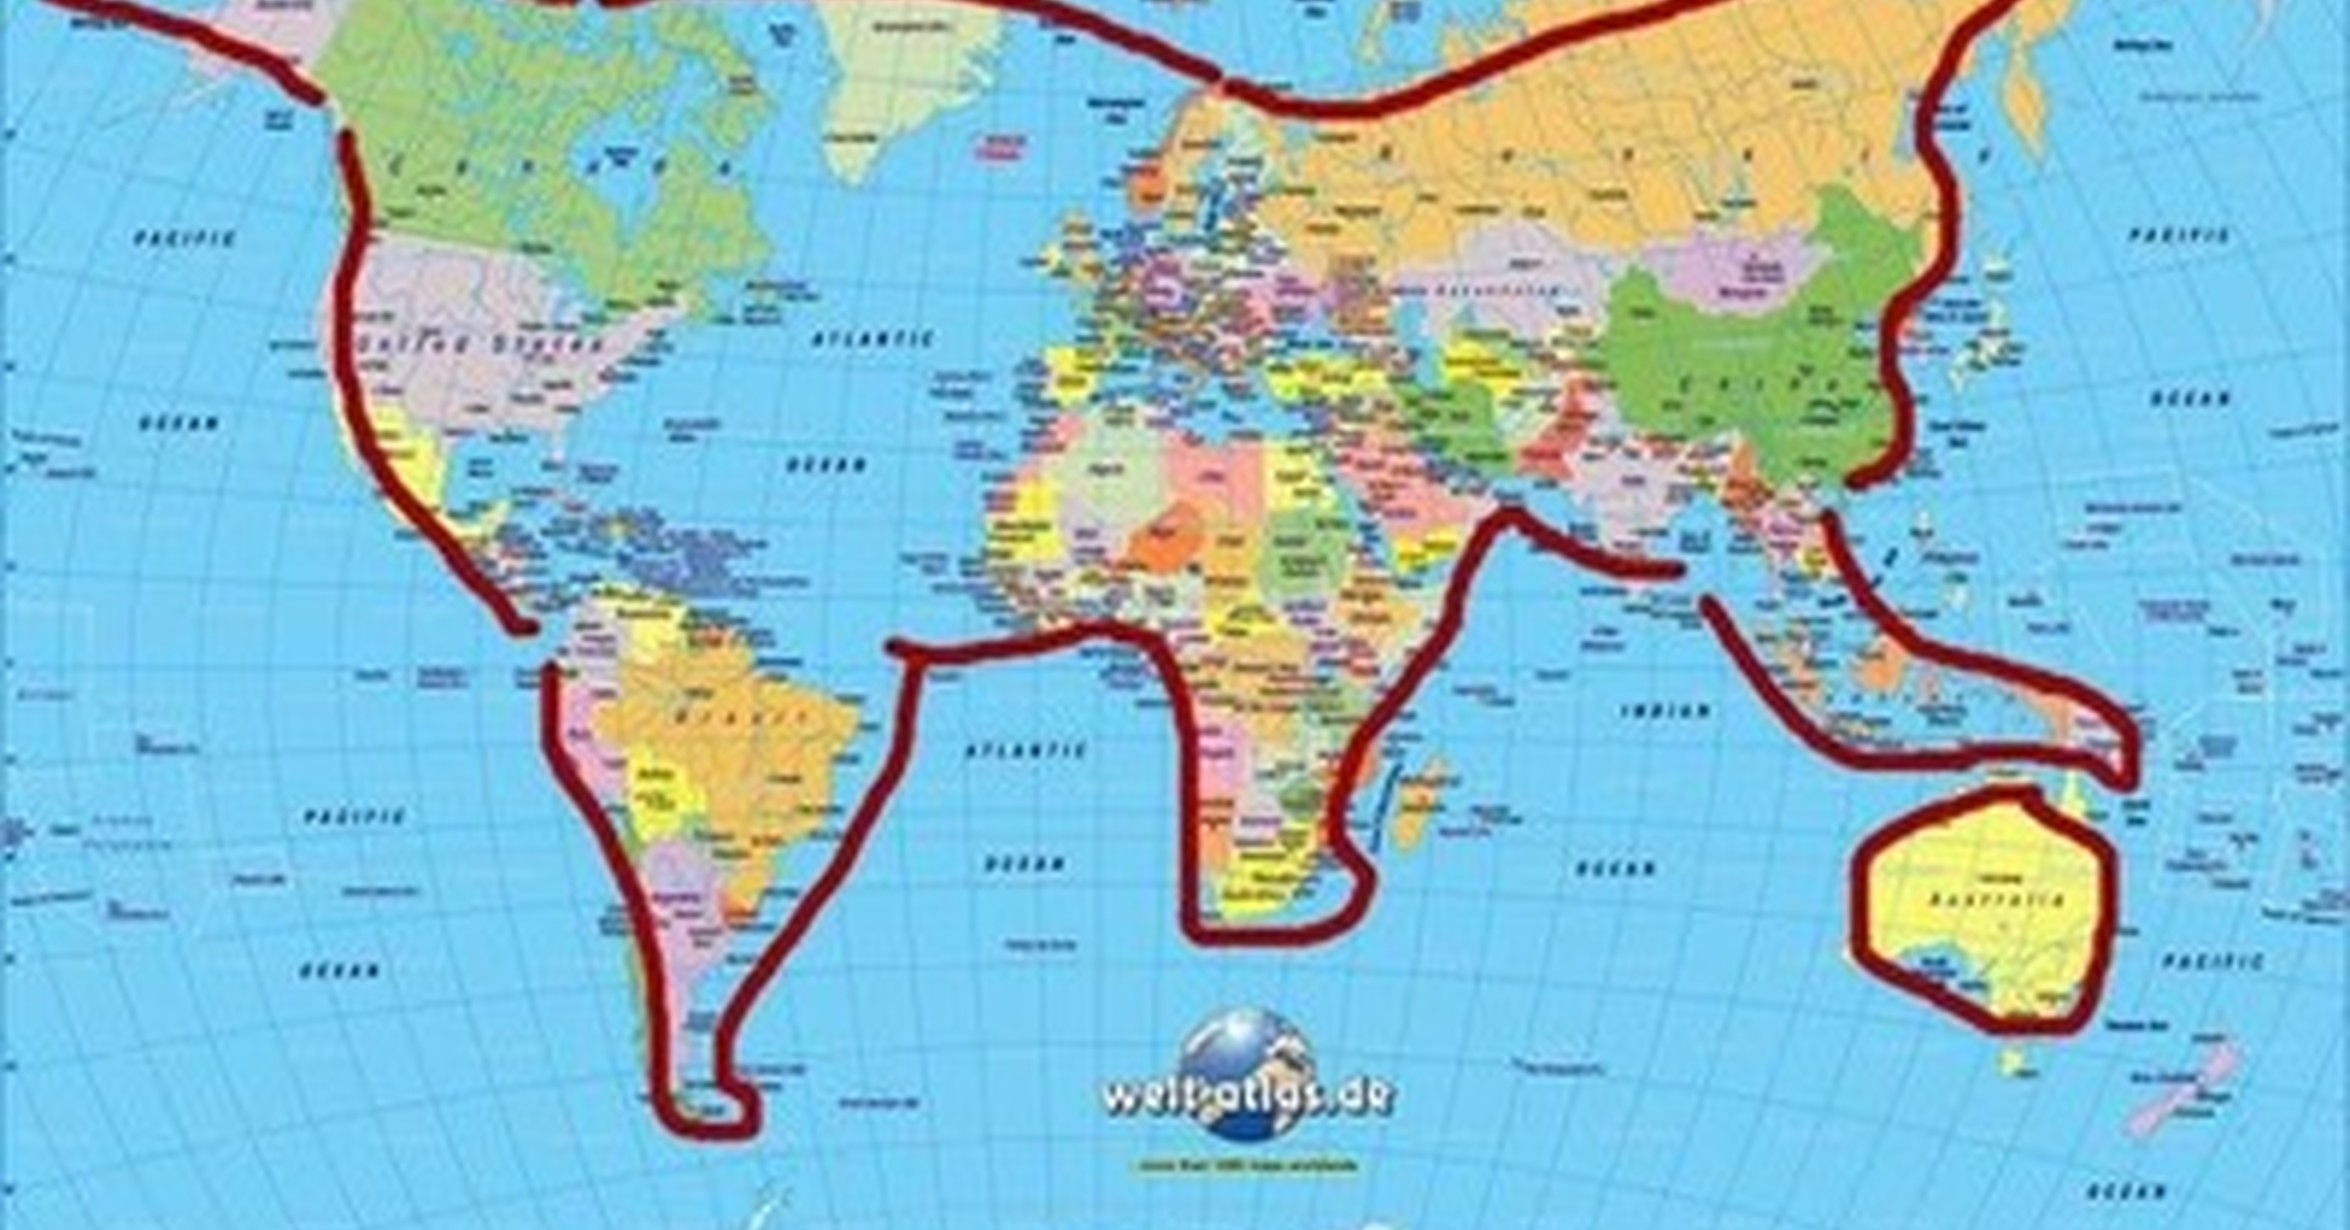 Worksheet. Cunta Fauna  El mundo no es ni plano ni redondo ni orbita